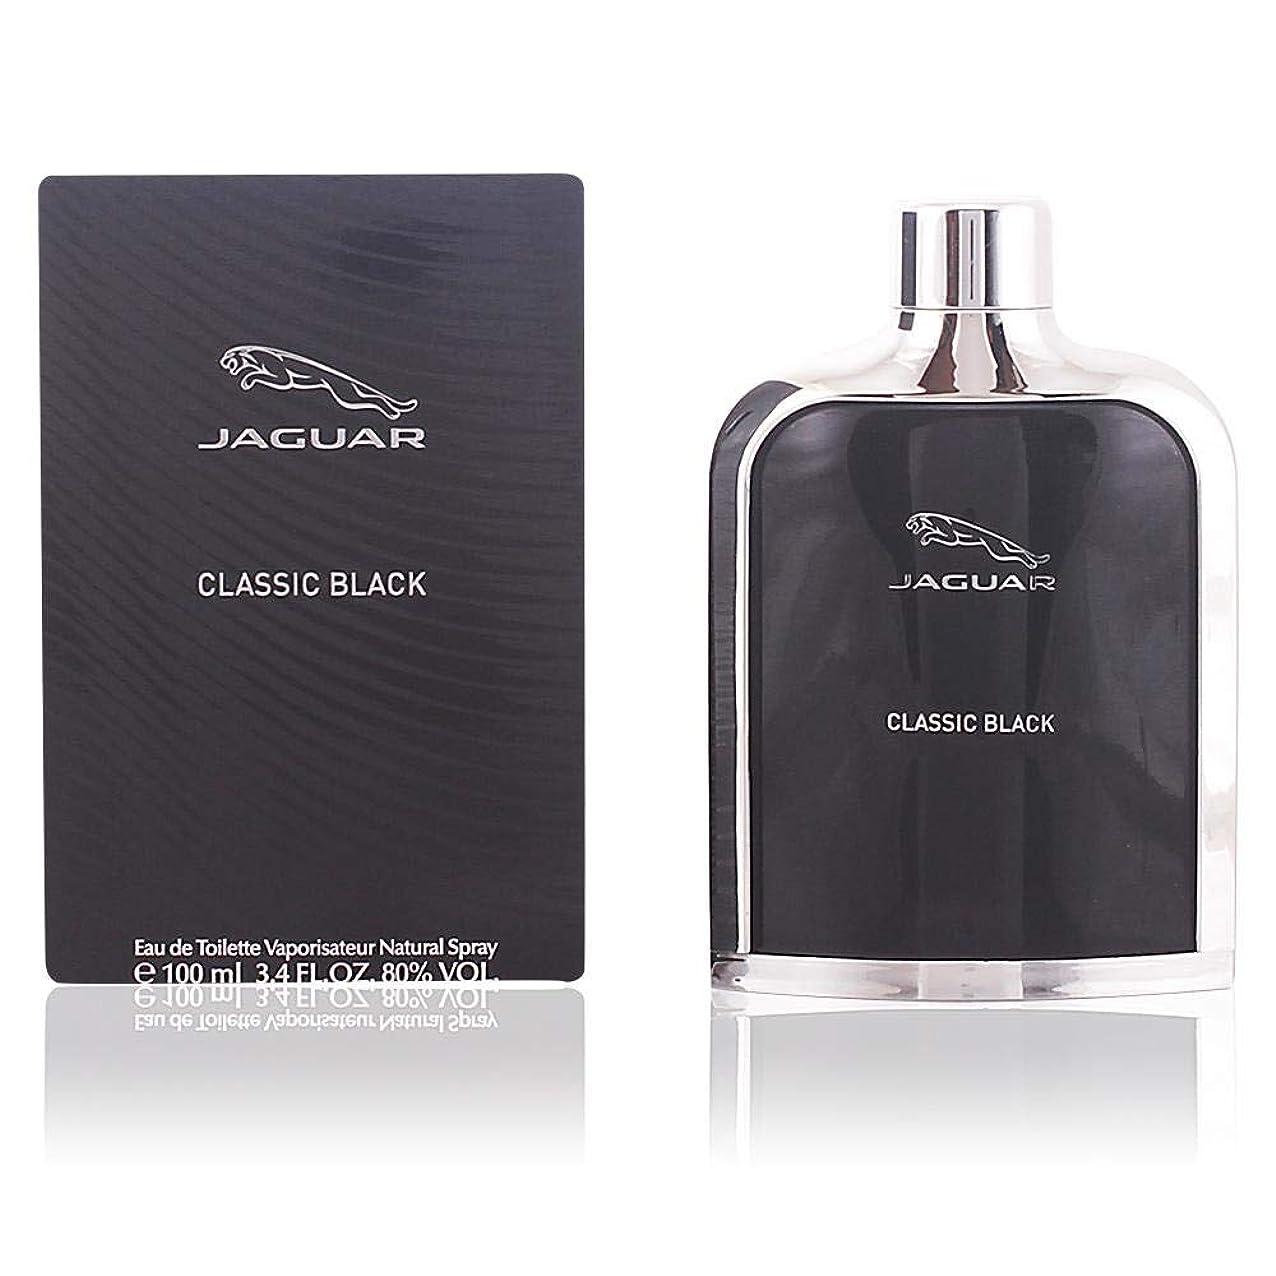 大通り眼不可能なジャガー クラシック ブラック オードトワレ 100ml JAGUAR CLASSIC BLACK